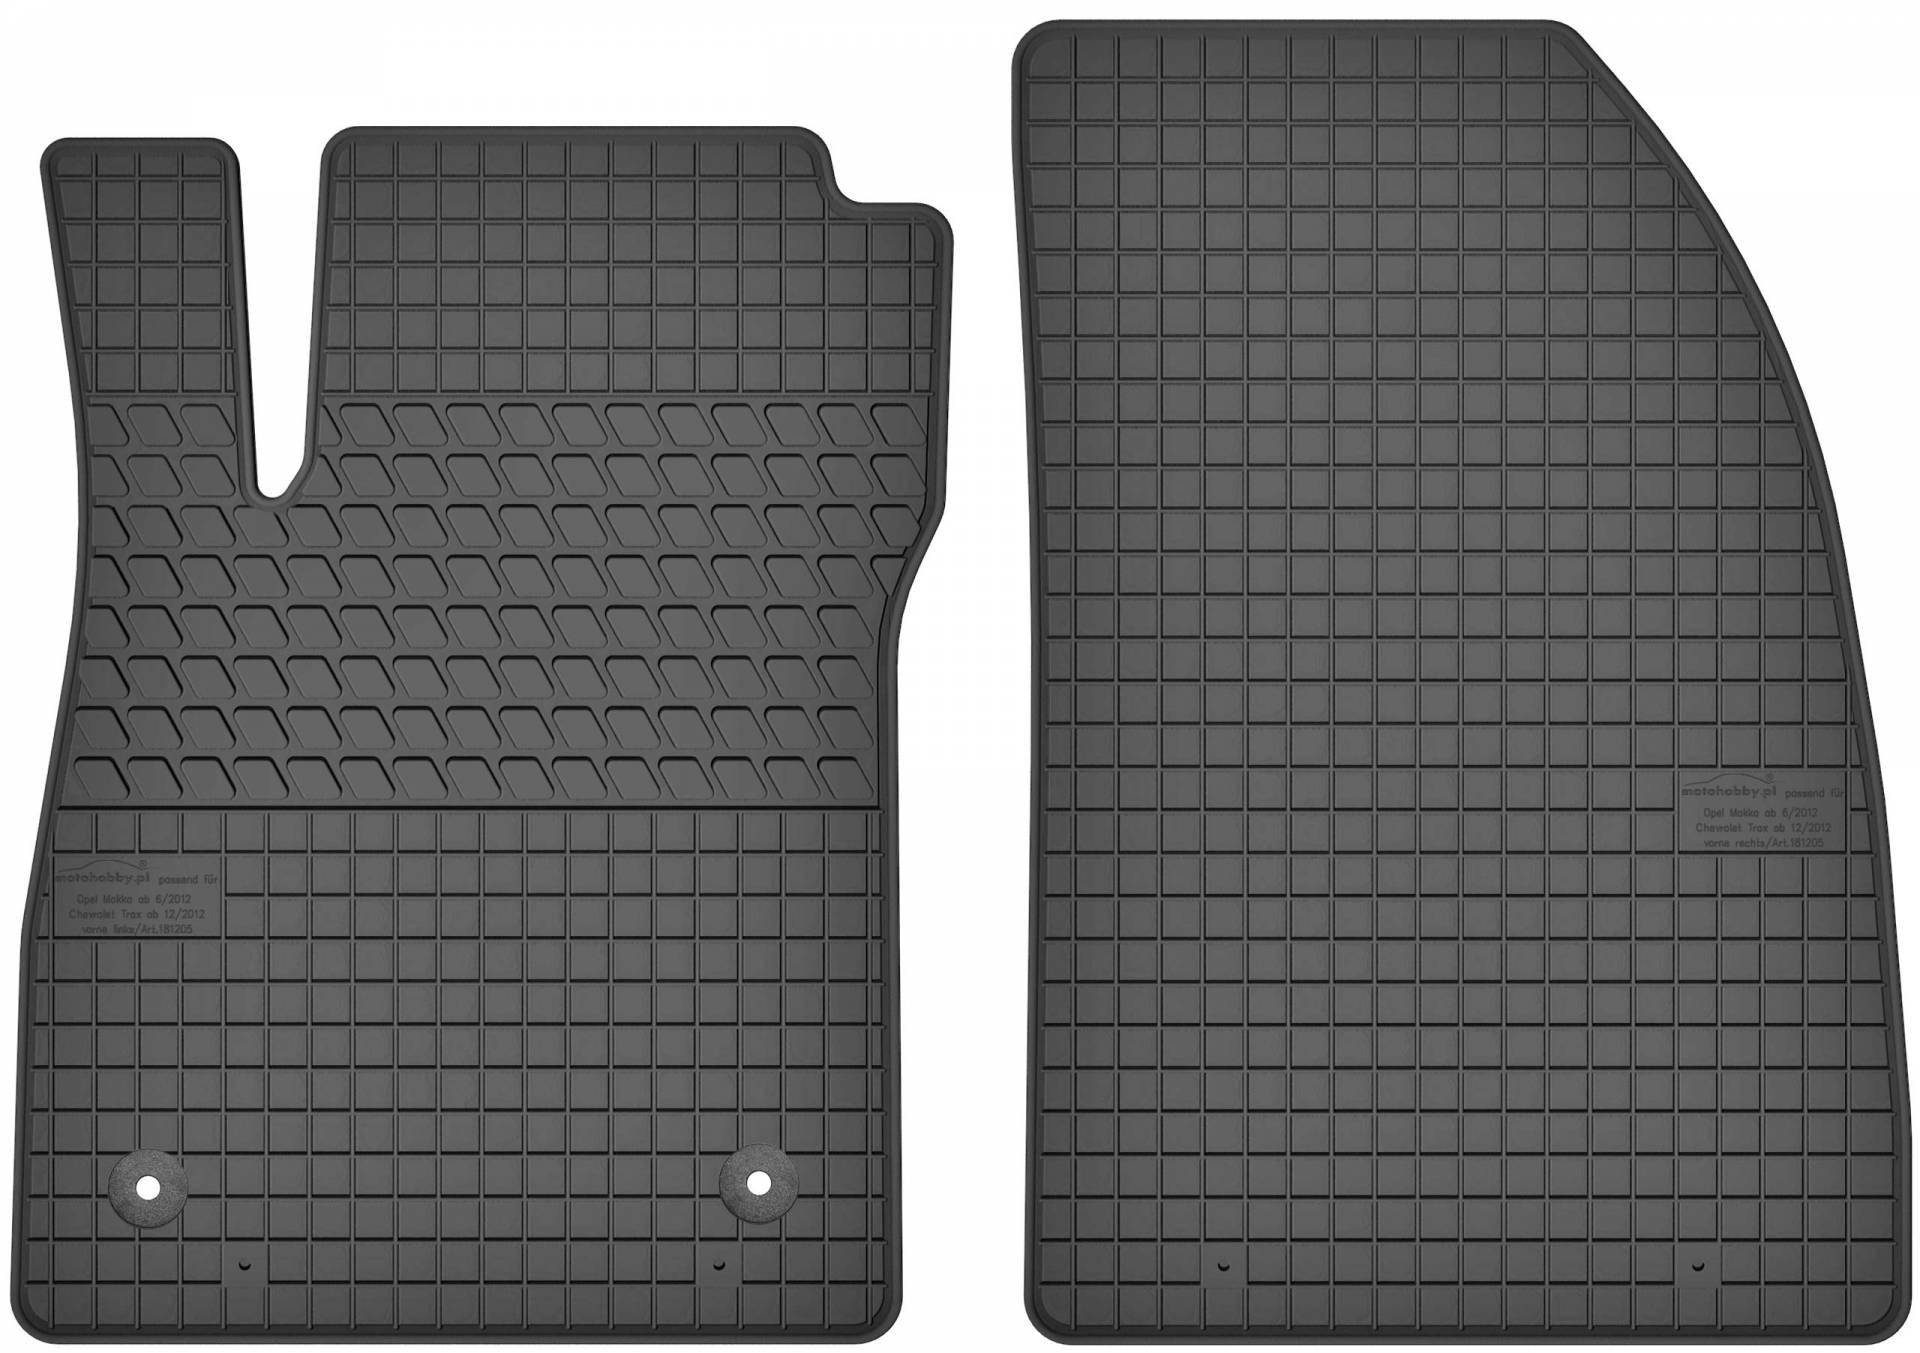 Gummimatten für Chevrolet Cruze ab 2009 Gummi-Fußmatten Automatten Reifen-Design